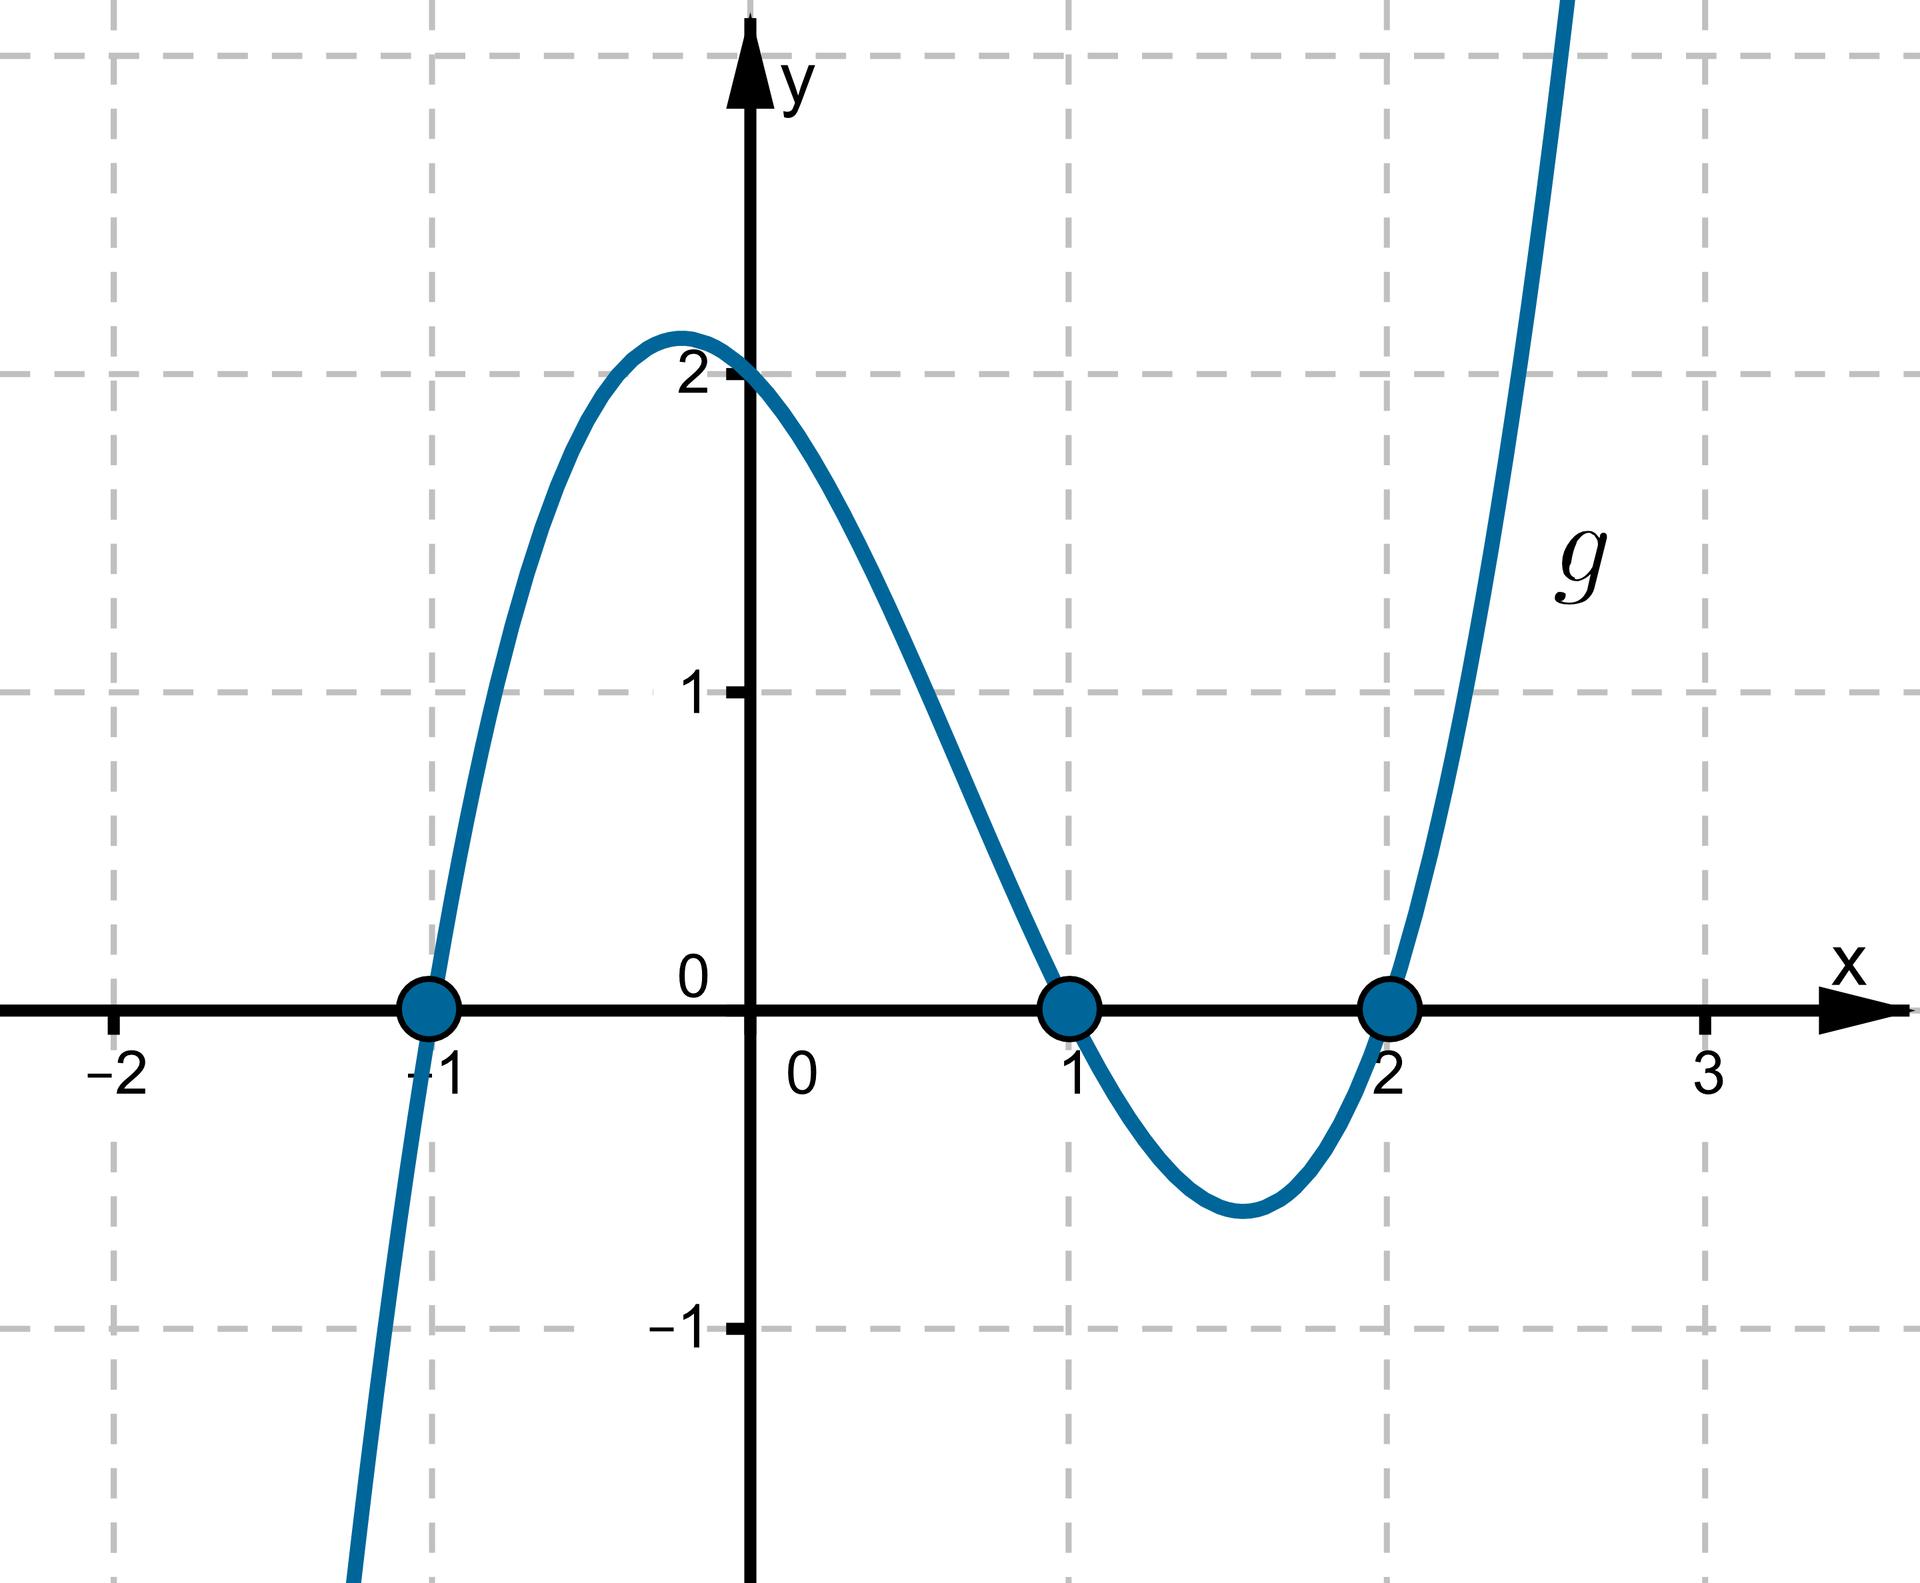 Wykres wpostaci krzywej leżącej wpierwszej, drugiej, trzeciej iczwartej ćwiartce układu współrzędnych przechodzącej przez punkty owspółrzędnych (-1, 0), (0, 2), (1, 0), (2, 0).